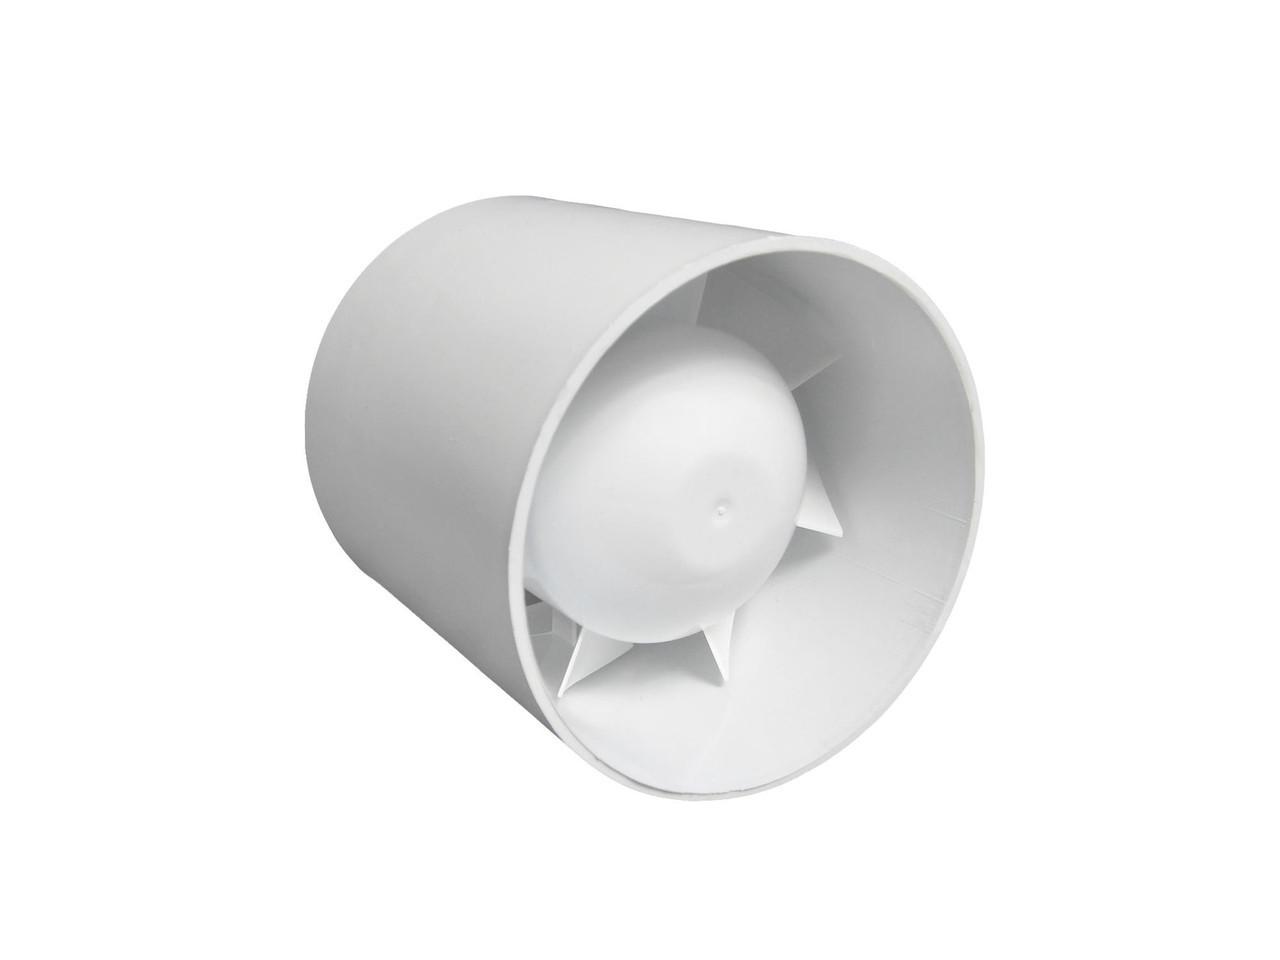 Вентилятор канальный Dospel EURO 2 120 (007-0052)